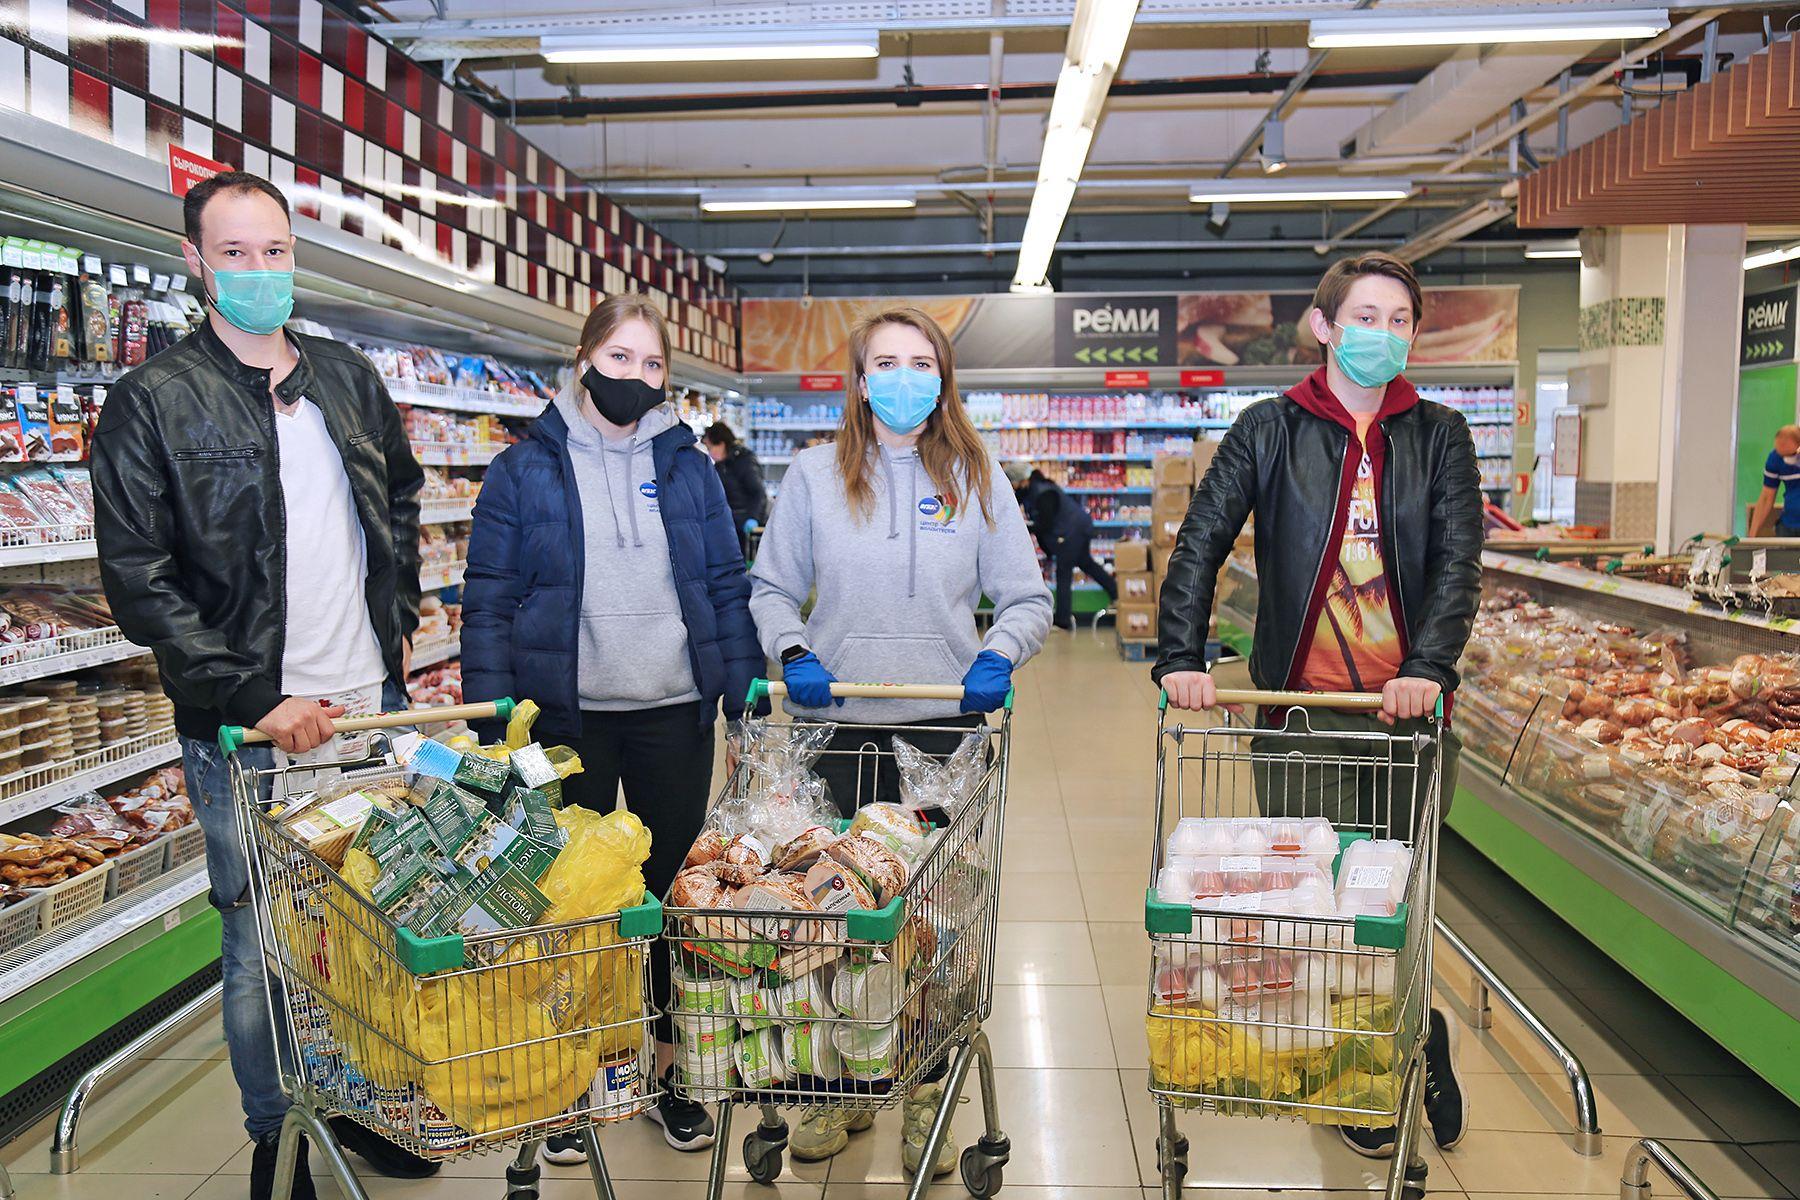 Ректор ВГУЭС Татьяна Терентьева поддержала ветеранов продовольственными наборами в период коронавируса